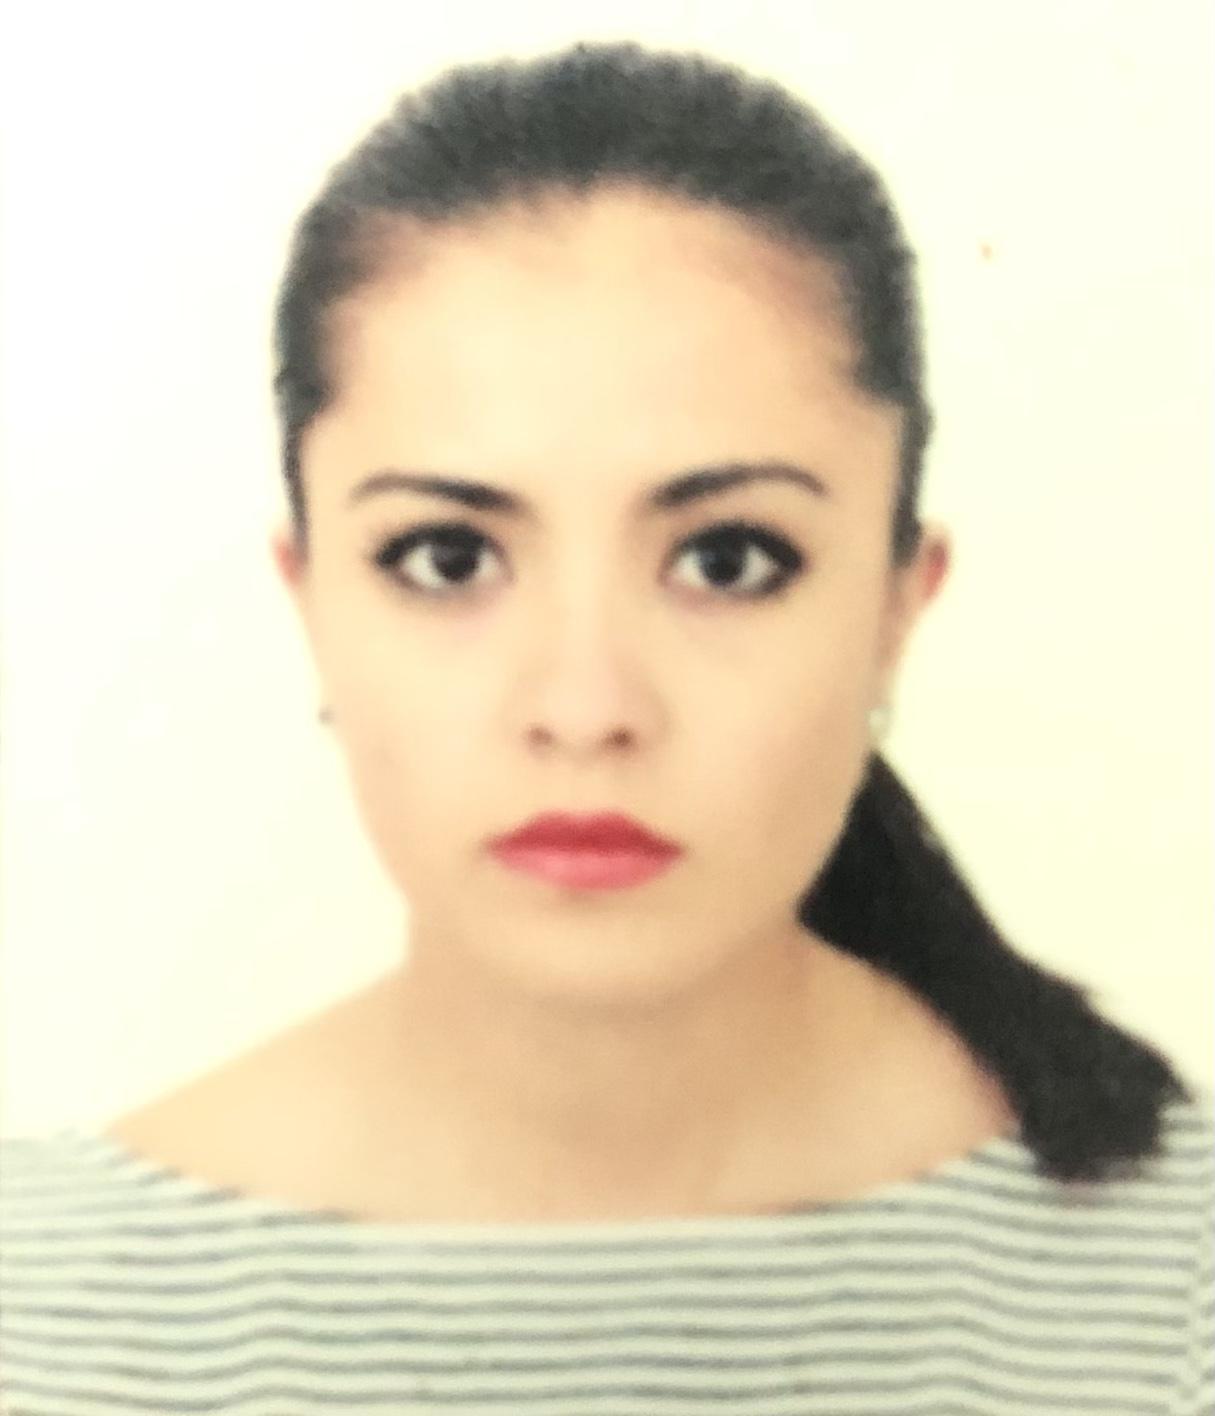 María del Pilar Zárate Moreno